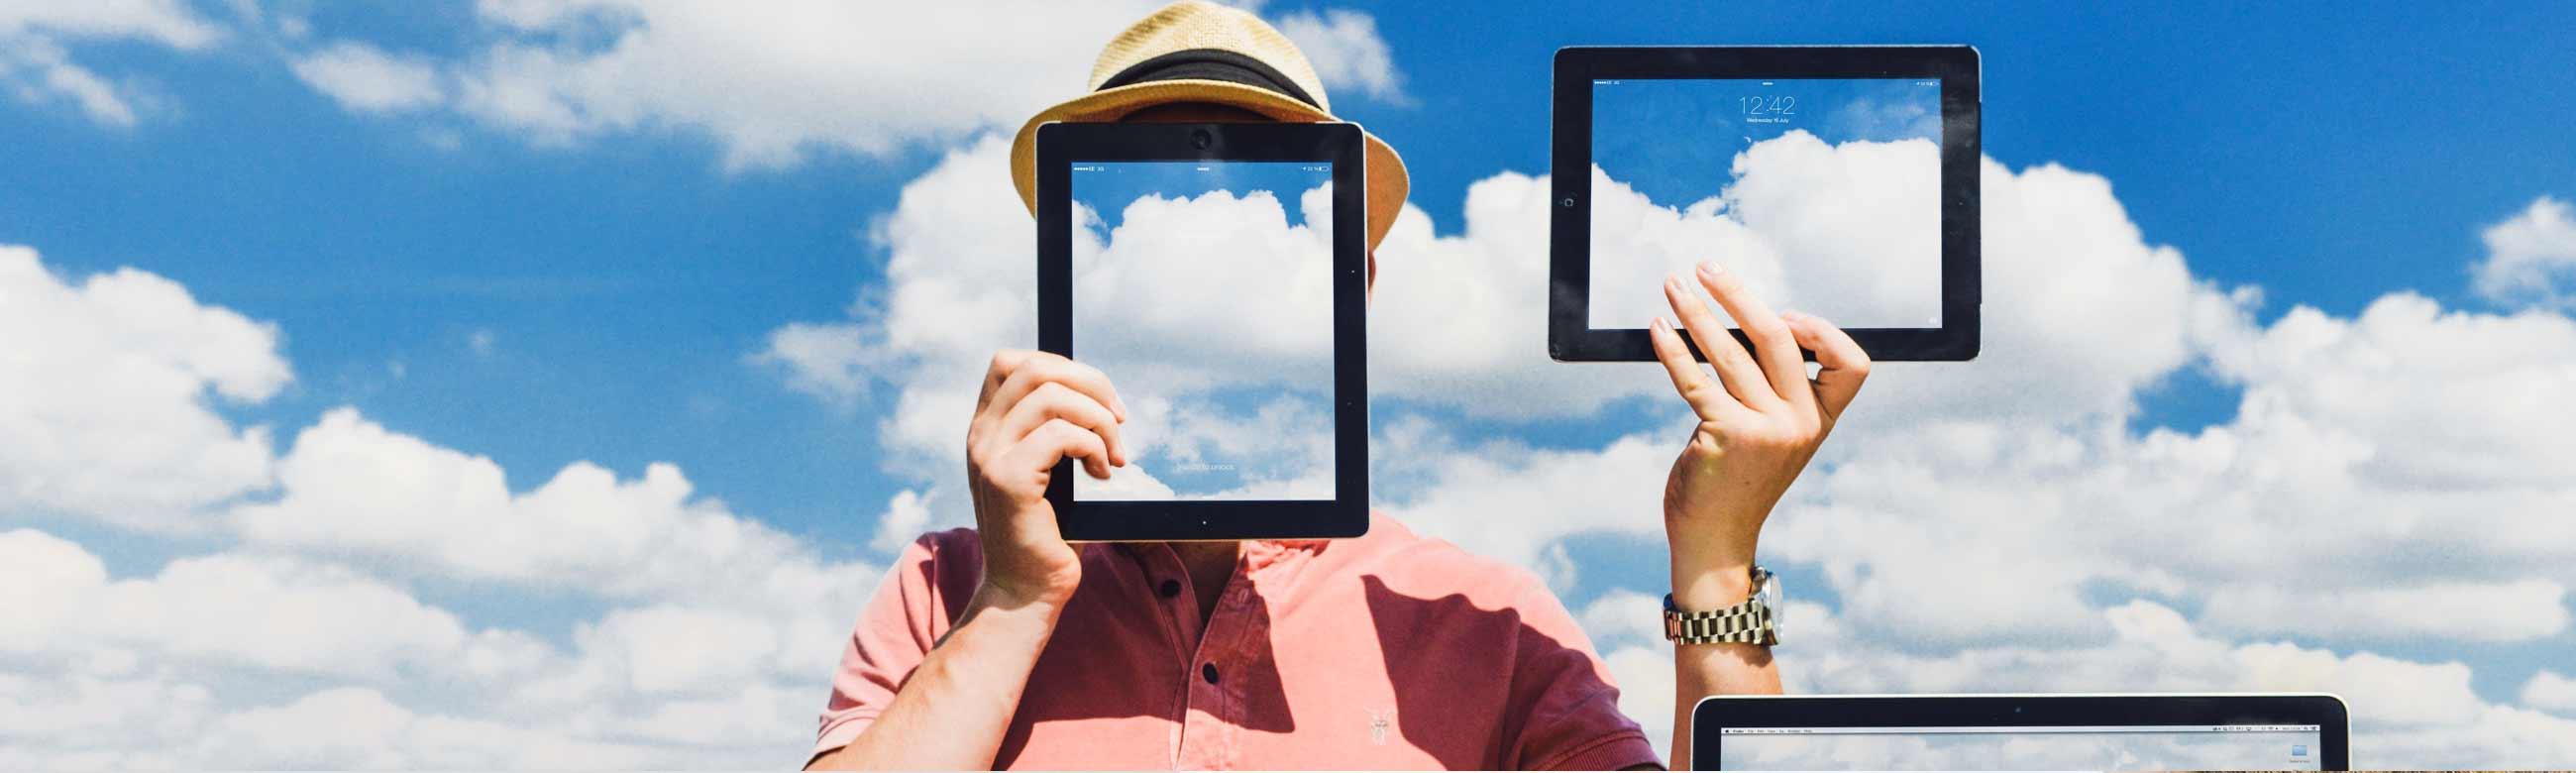 Almacenamiento y copia de seguridad en la nube